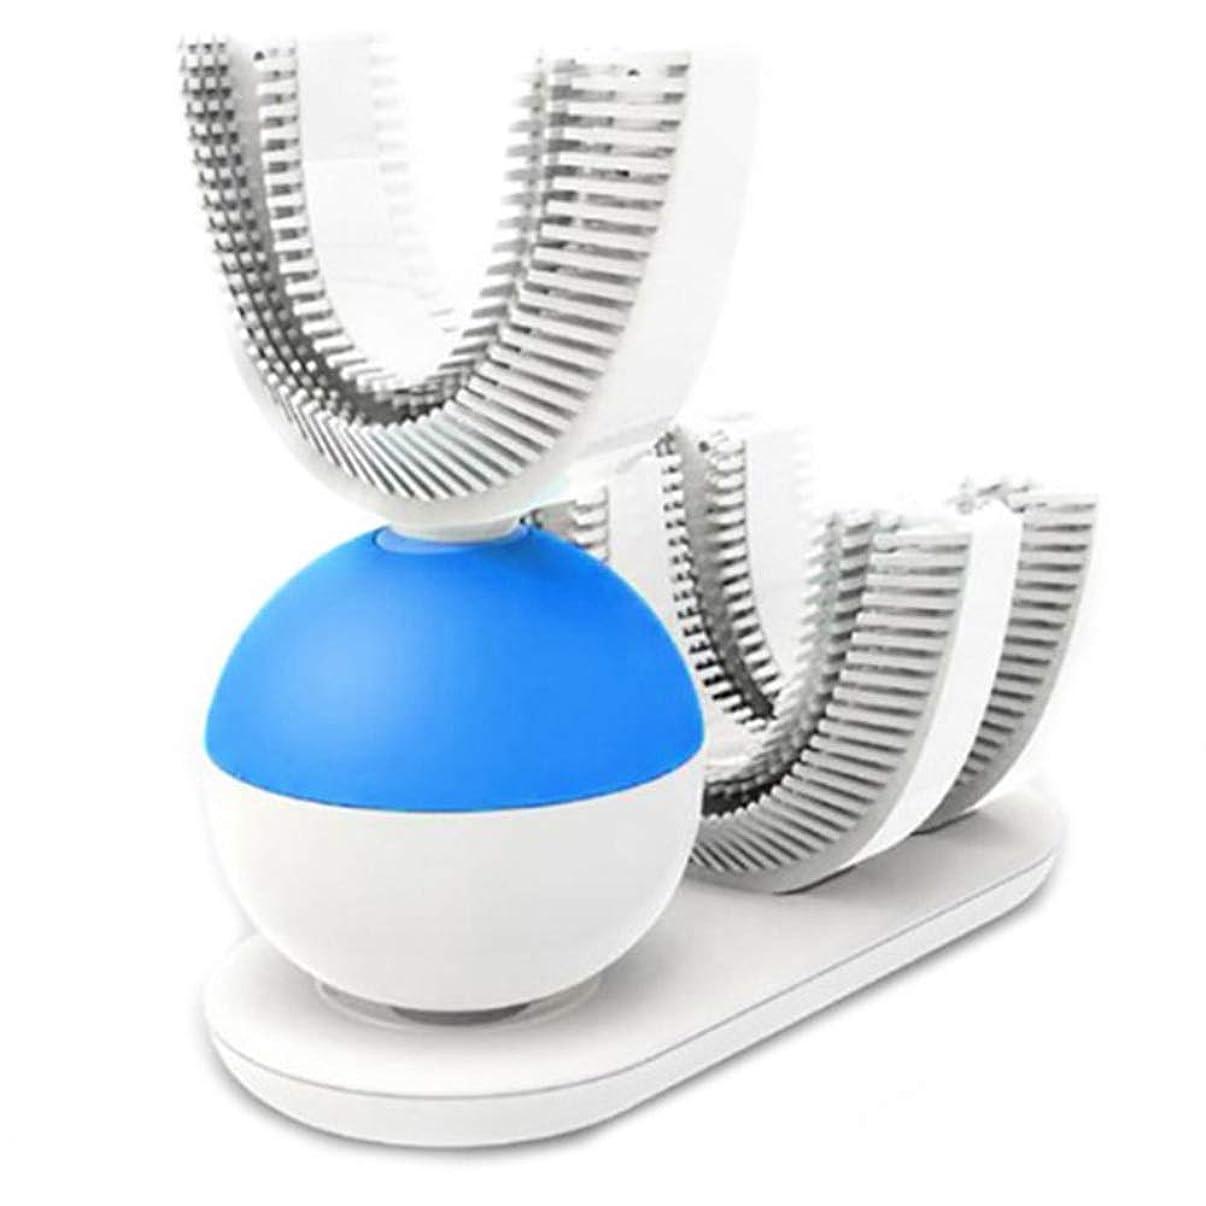 探す誘う持つU字型自動電動歯ブラシ360度音波振動歯クリーナー充電式耐久性歯ブラシ、家族旅行に適しています